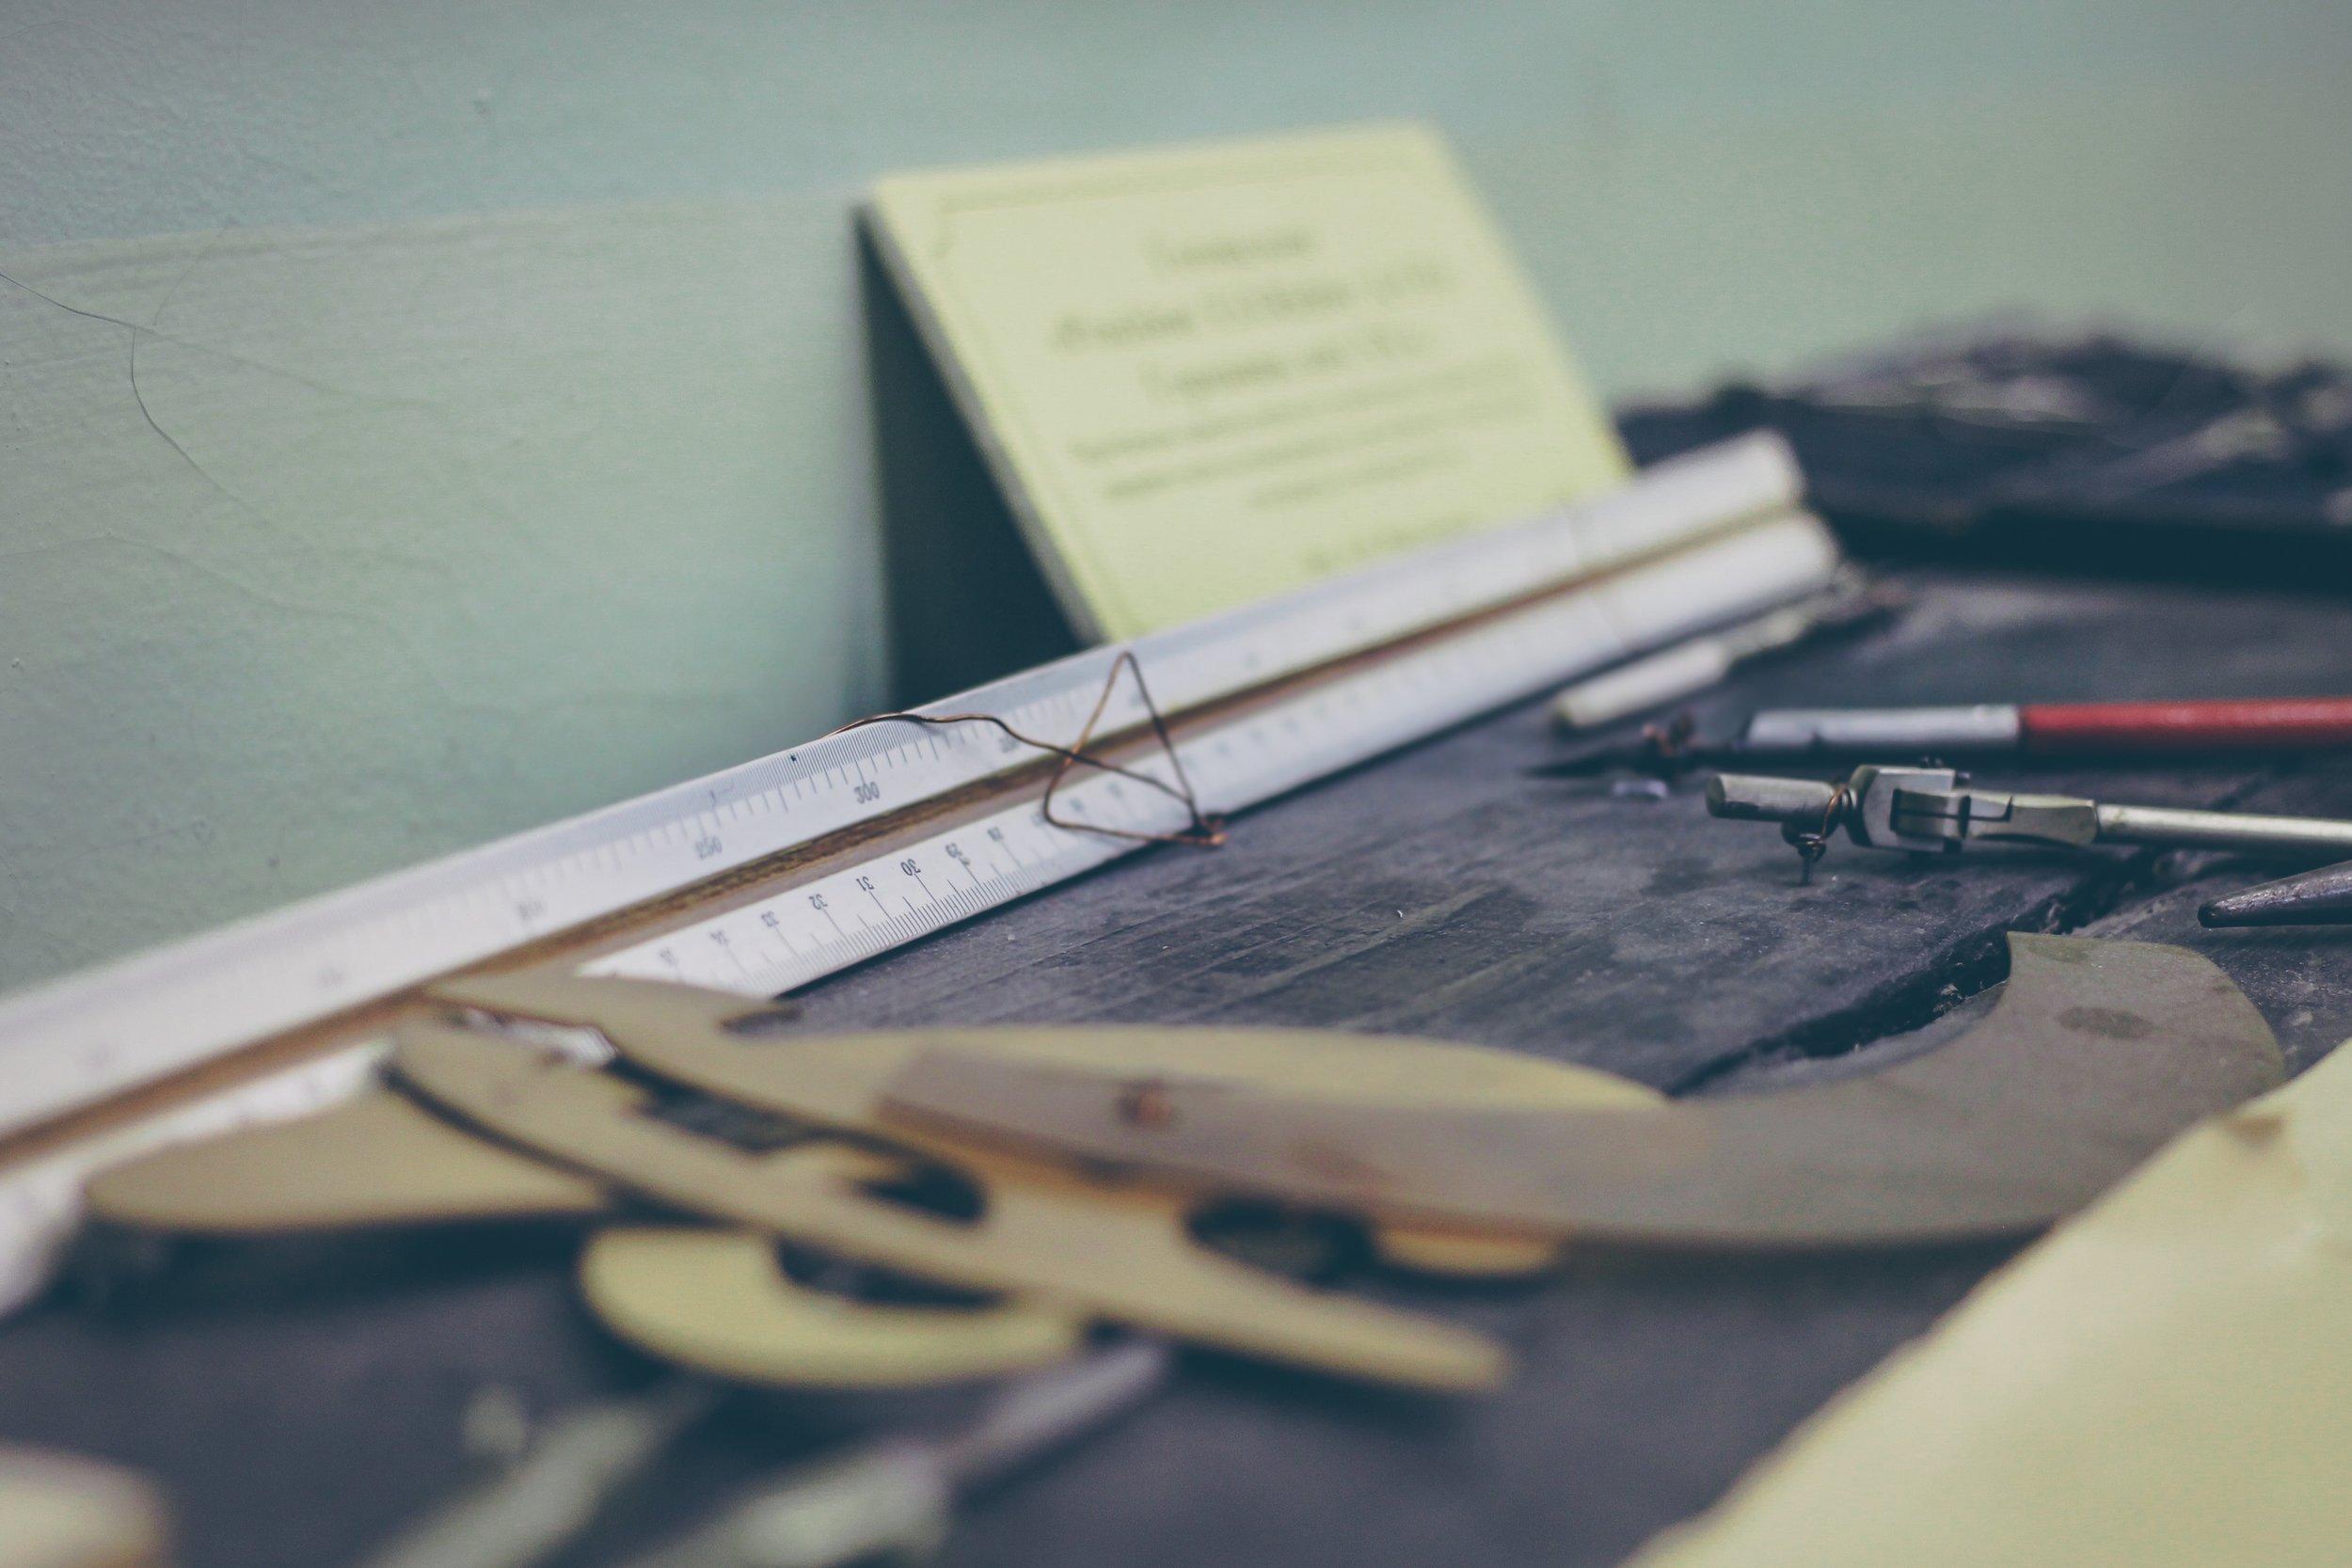 Tools & Table.jpg